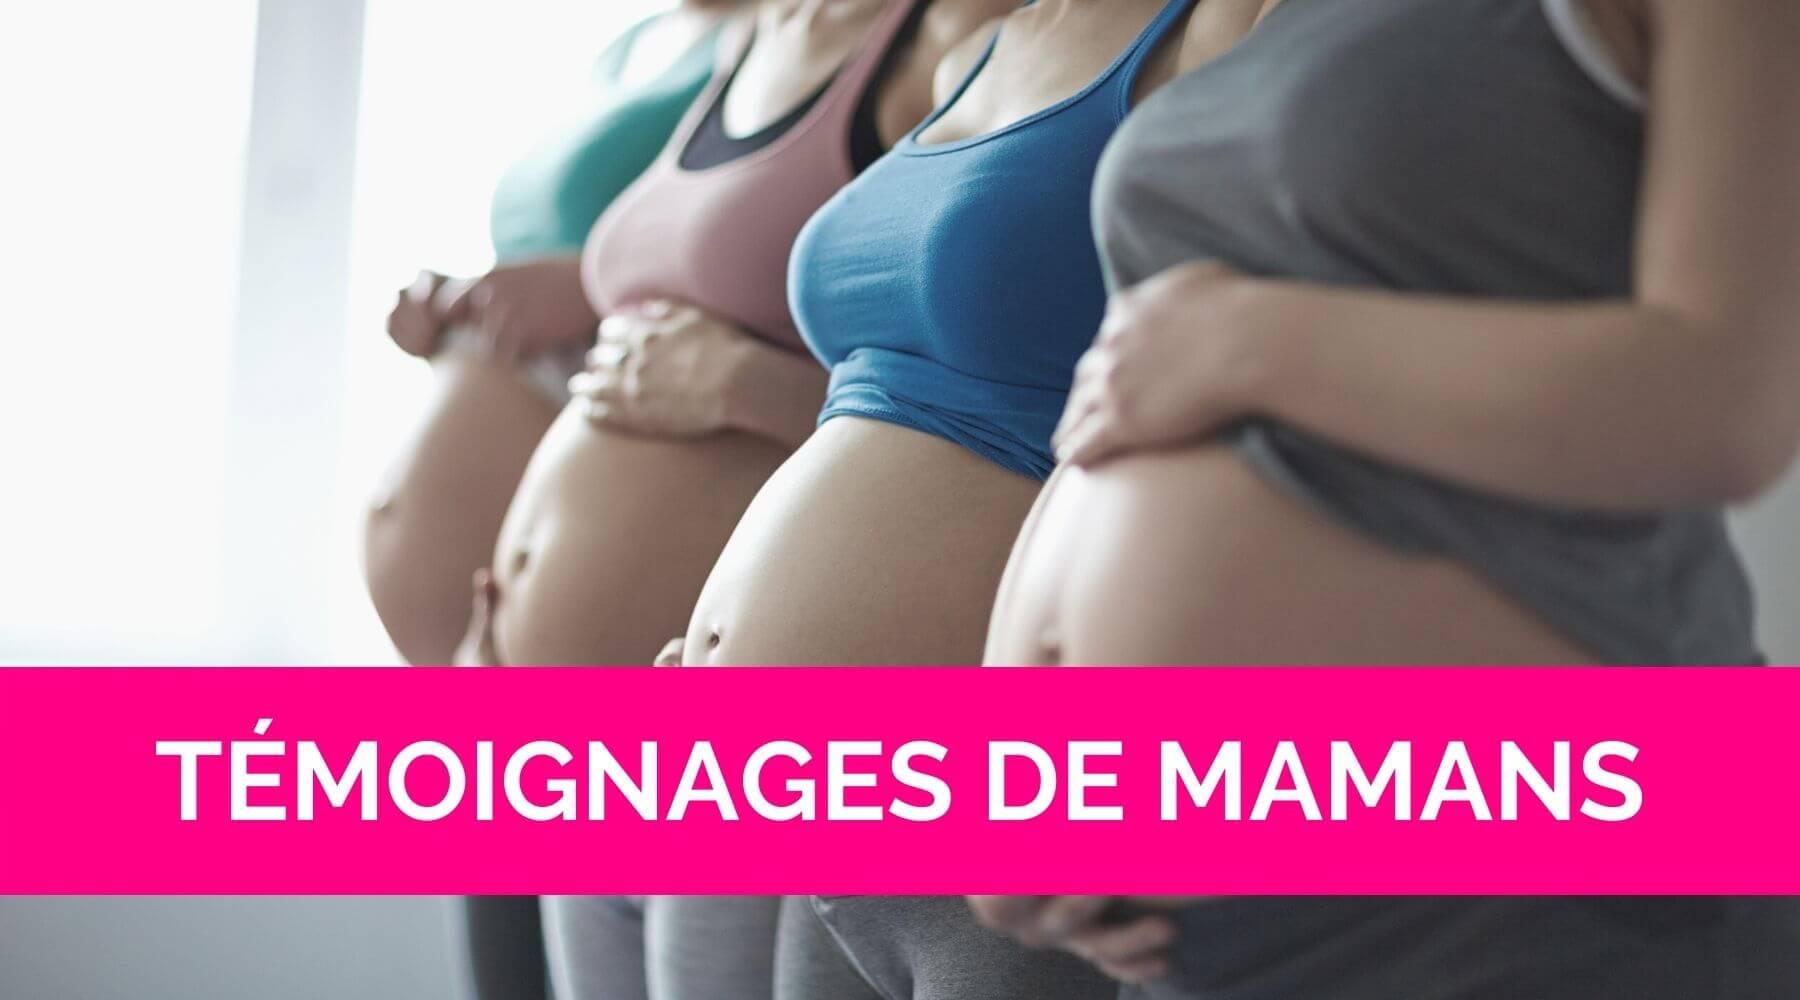 Témoignages de mamans